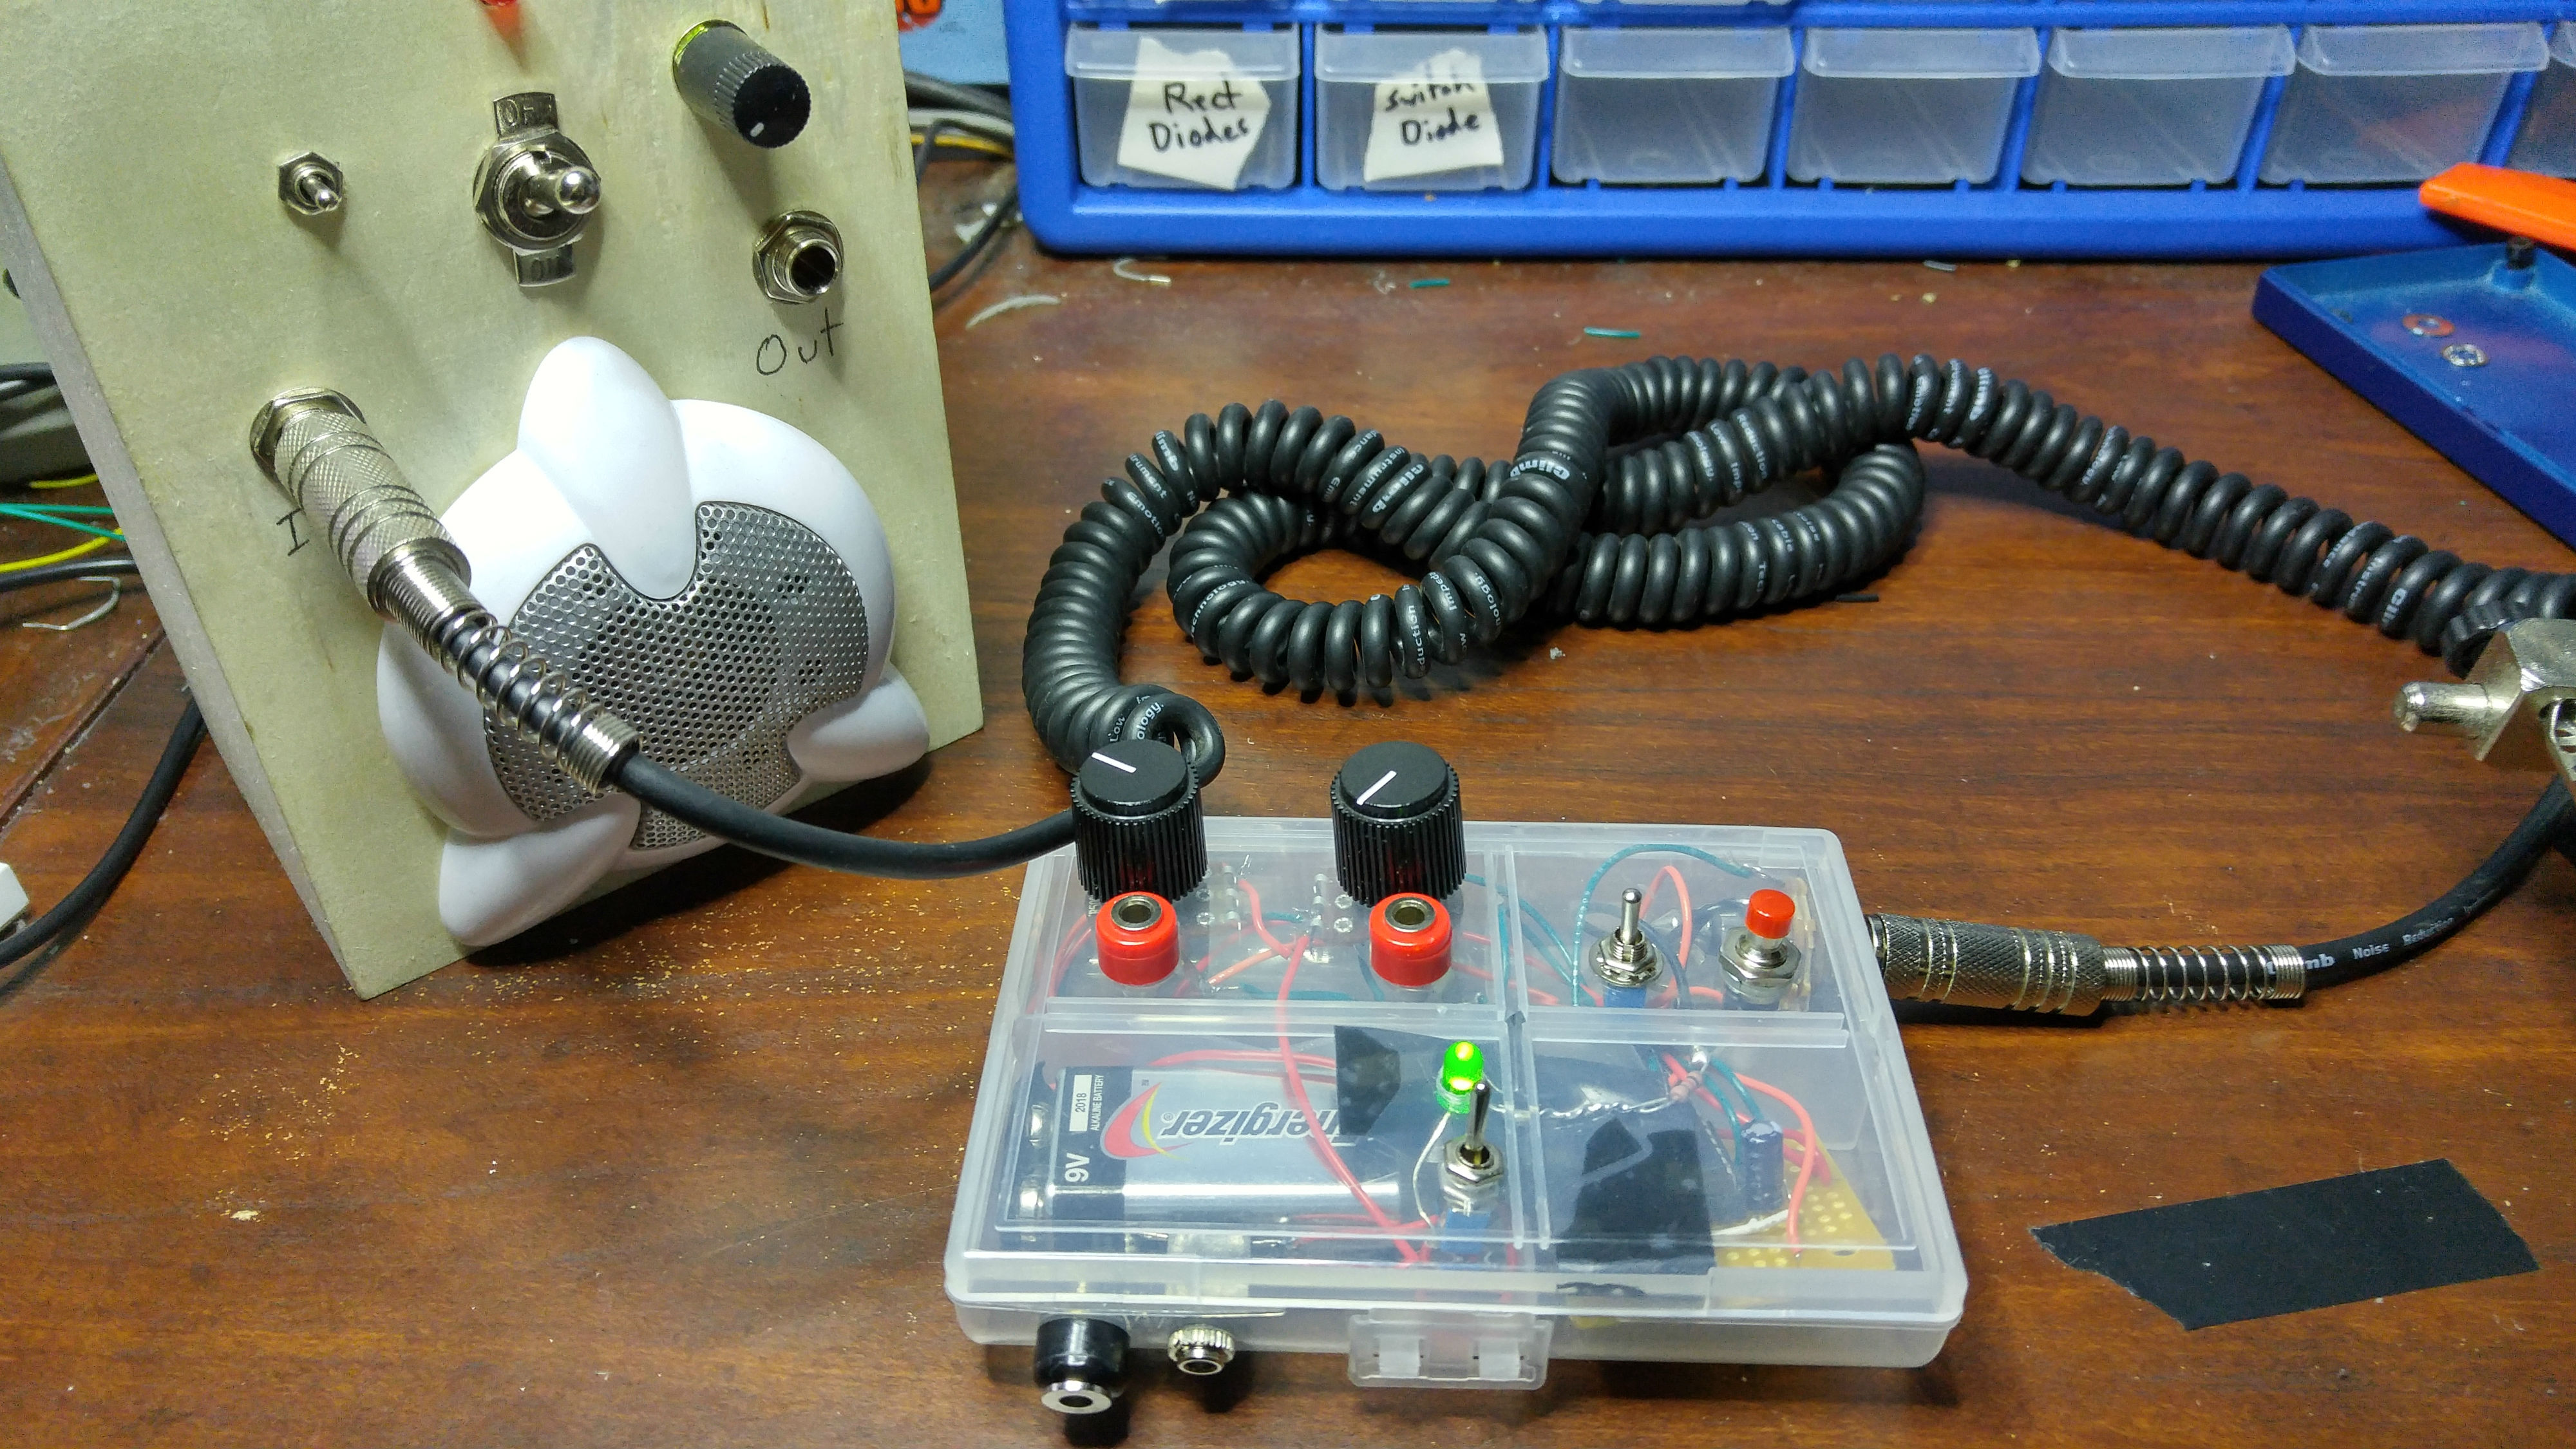 Atari Punk Console DIY Synth